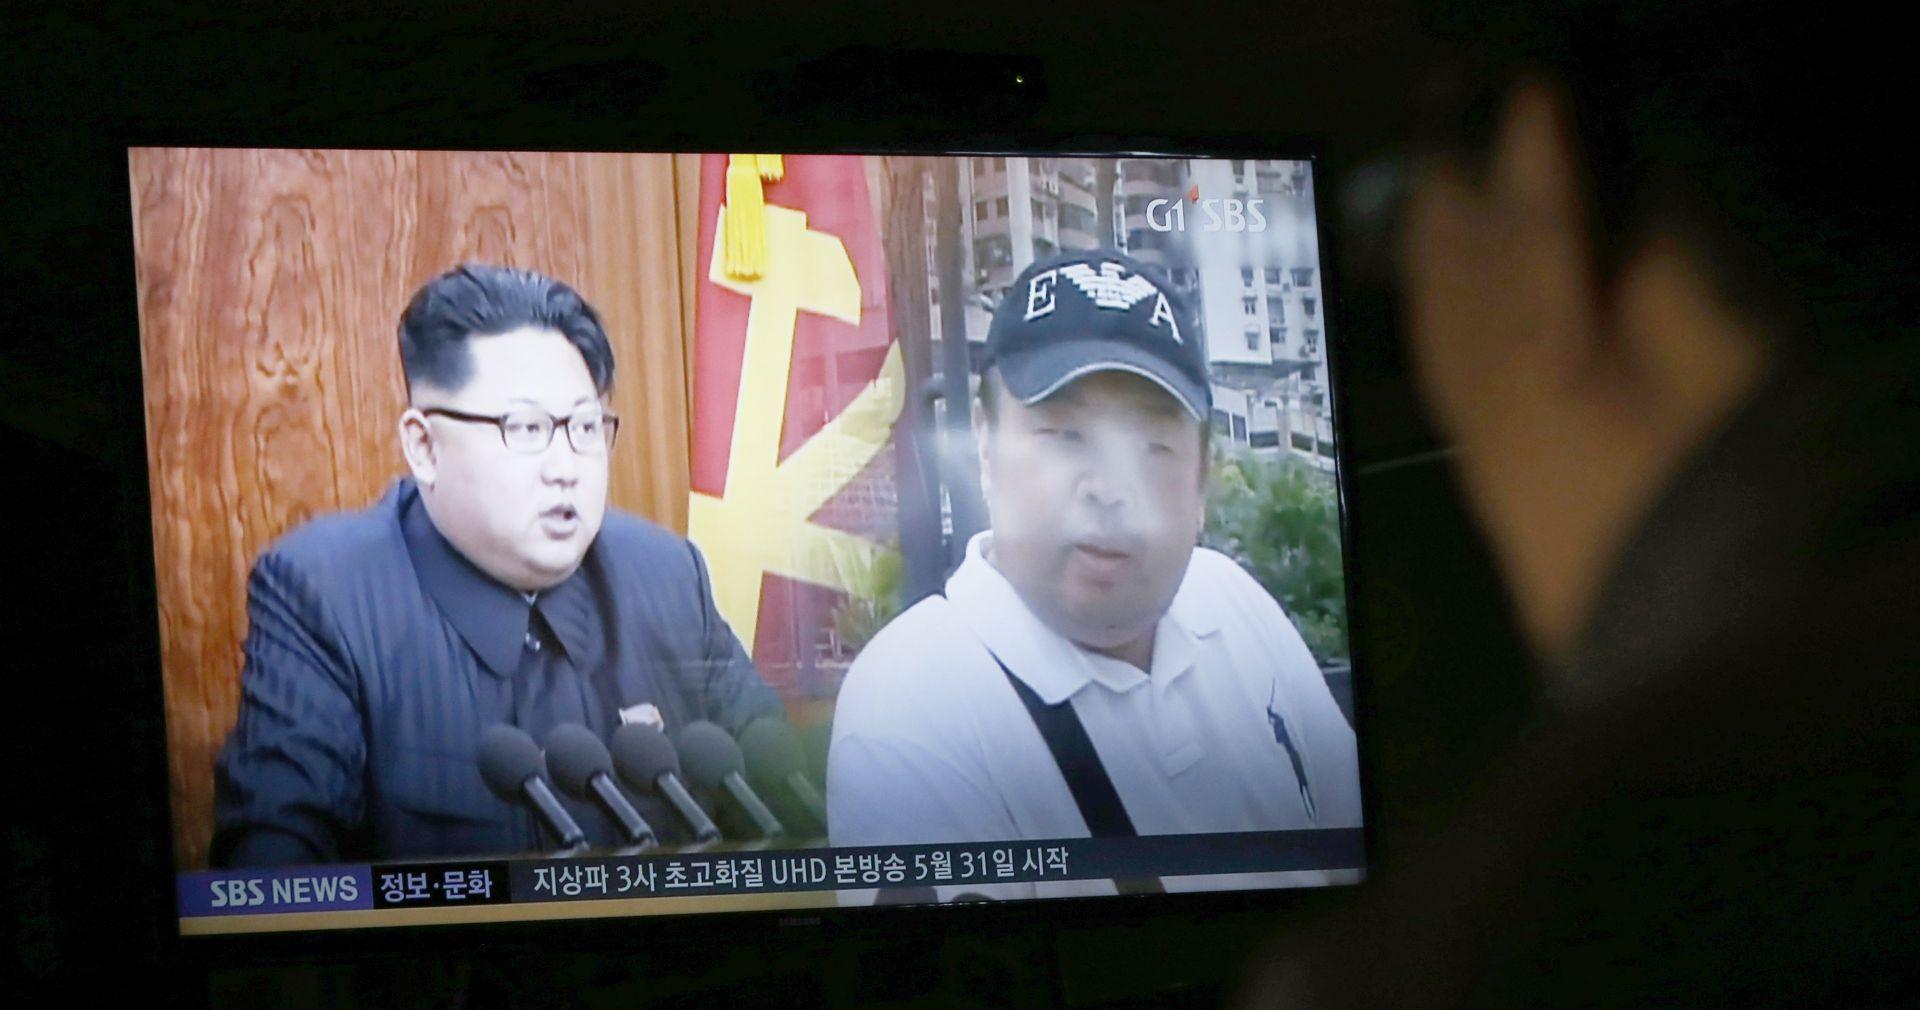 Kim Jong Nam umro 15 do 20 minuta nakon napada agensom VX